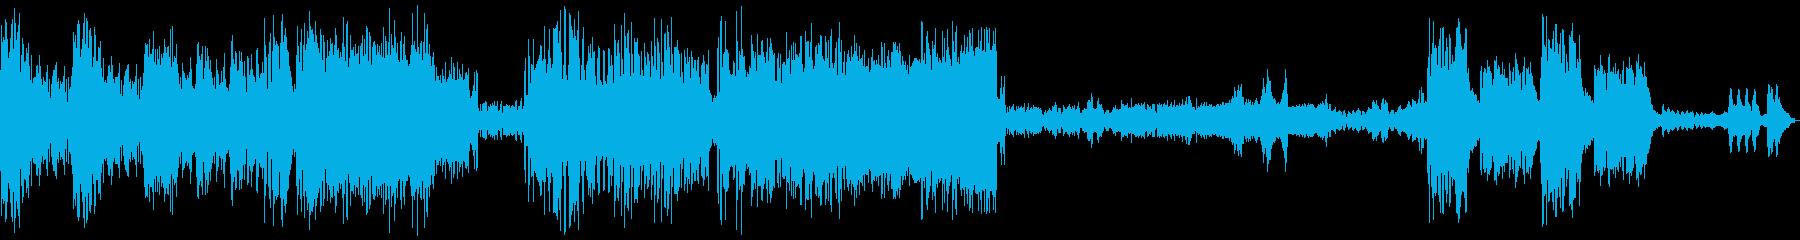 トランペットが活躍する曲です。の再生済みの波形